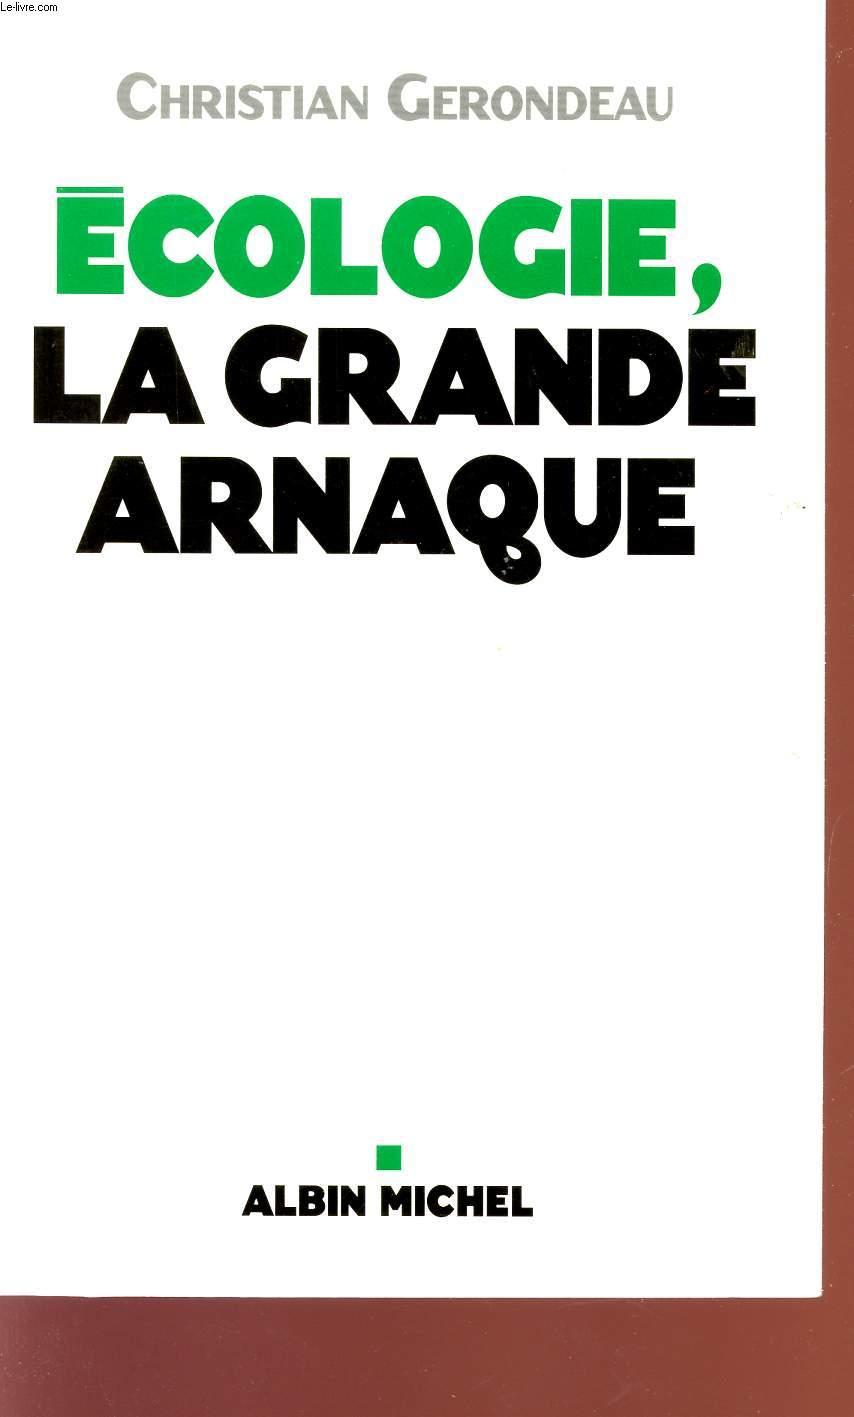 ECOLOGIE, LA GRANDE ARNAQUE.